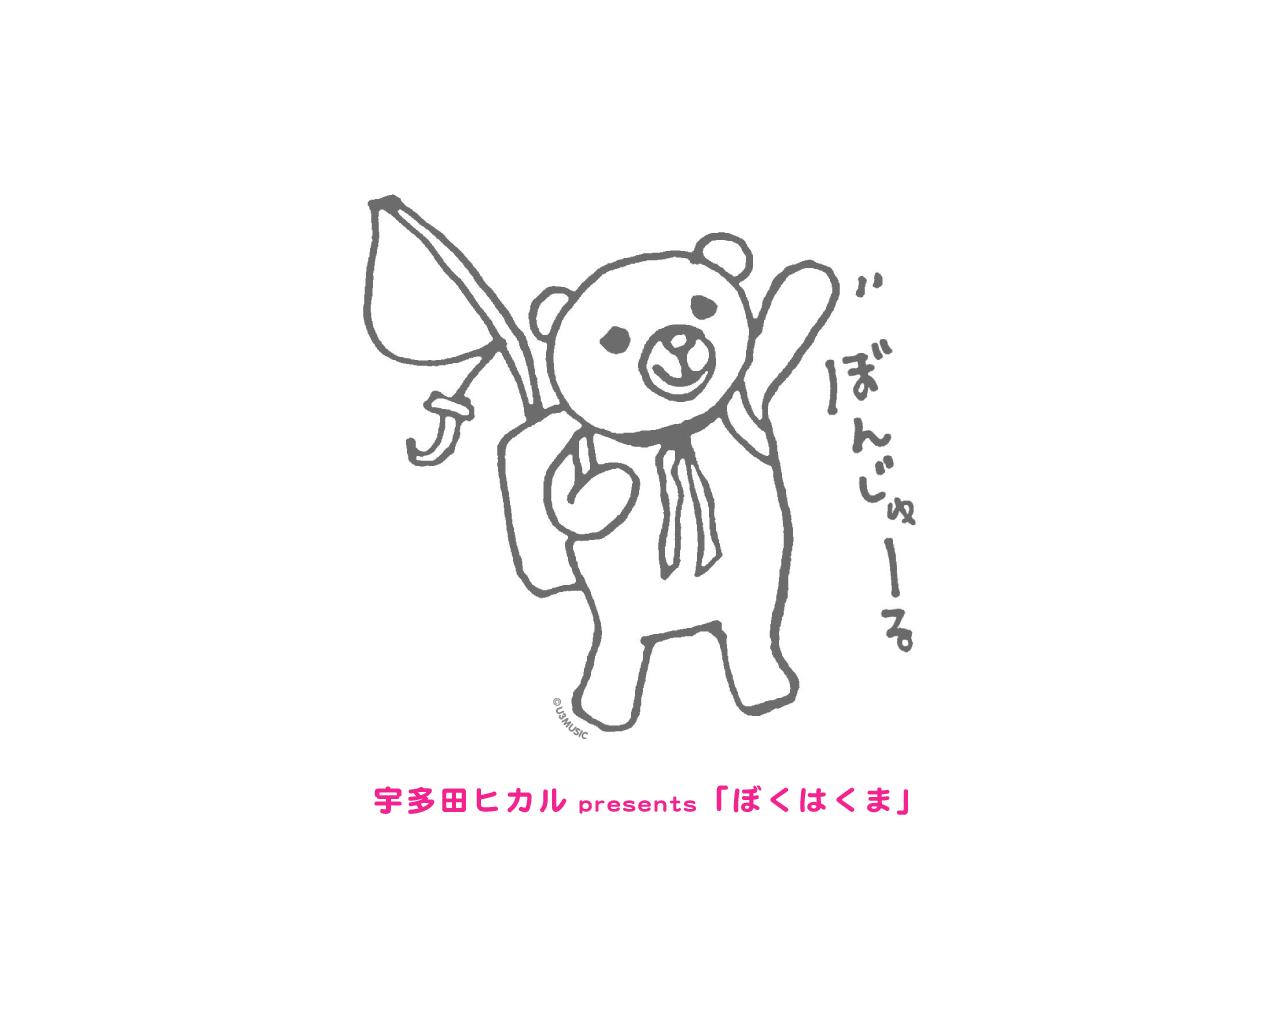 宇多田ヒカル ぼくはくま Special Site